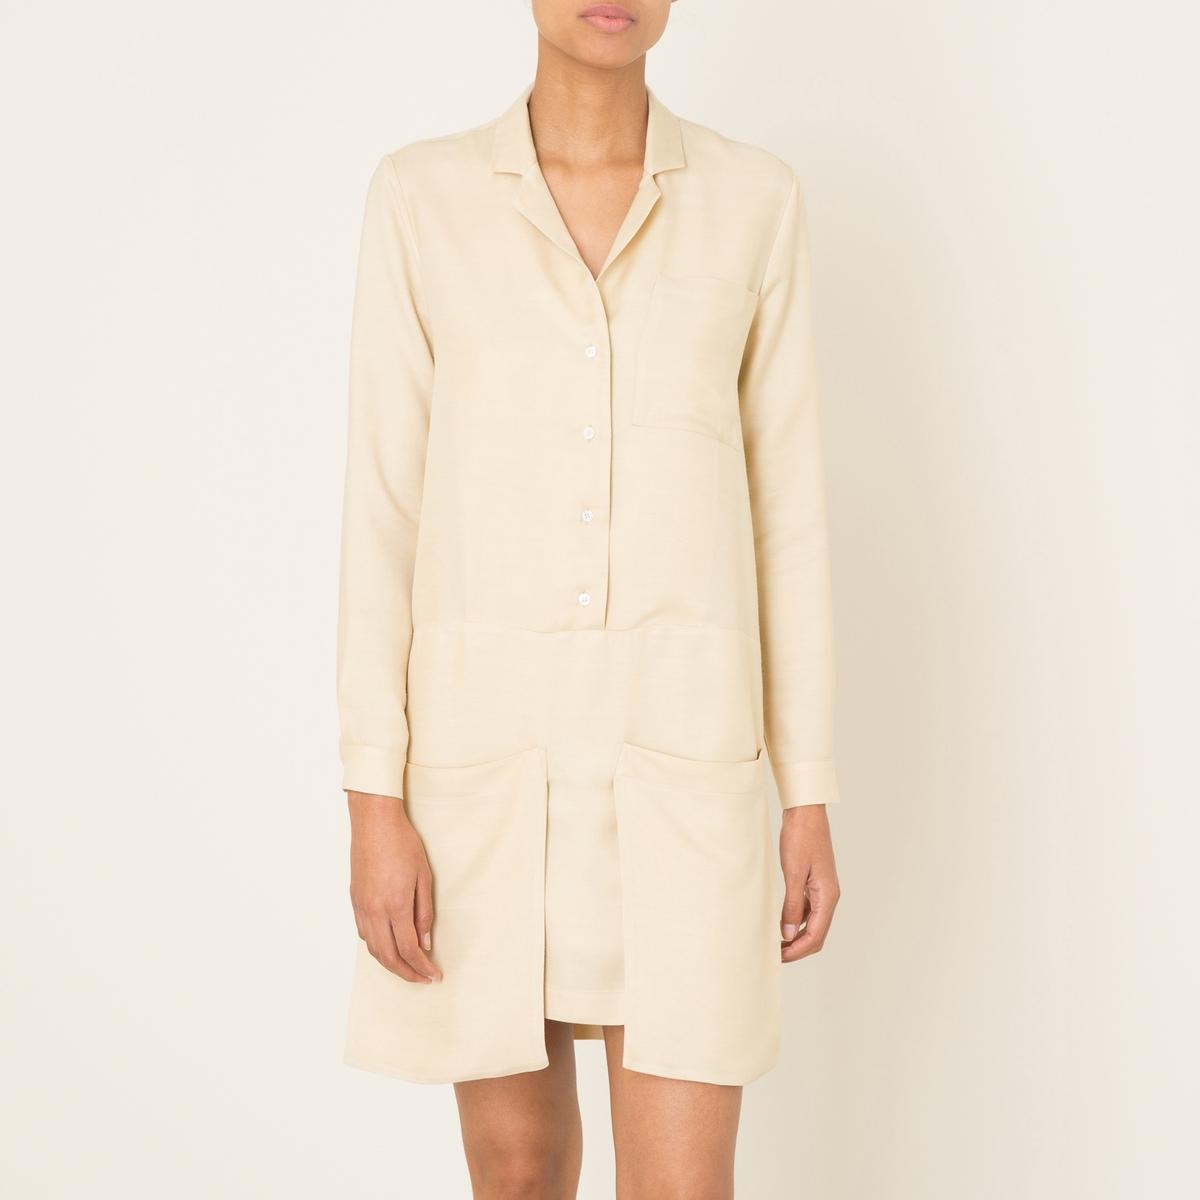 Платье ROMYПлатье короткое MARGAUX LONNBERG - модель ROMY с большими карманами. Зазубренный рубашечный воротник с застёжкой на пуговицы спереди. Длинные рукава, манжеты с застежкой на пуговицу. 2 больших кармана снизу. Состав и описание    Материал : 98% вискозы, 3% шелка   Марка : MARGAUX LONNBERG<br><br>Цвет: бежевый